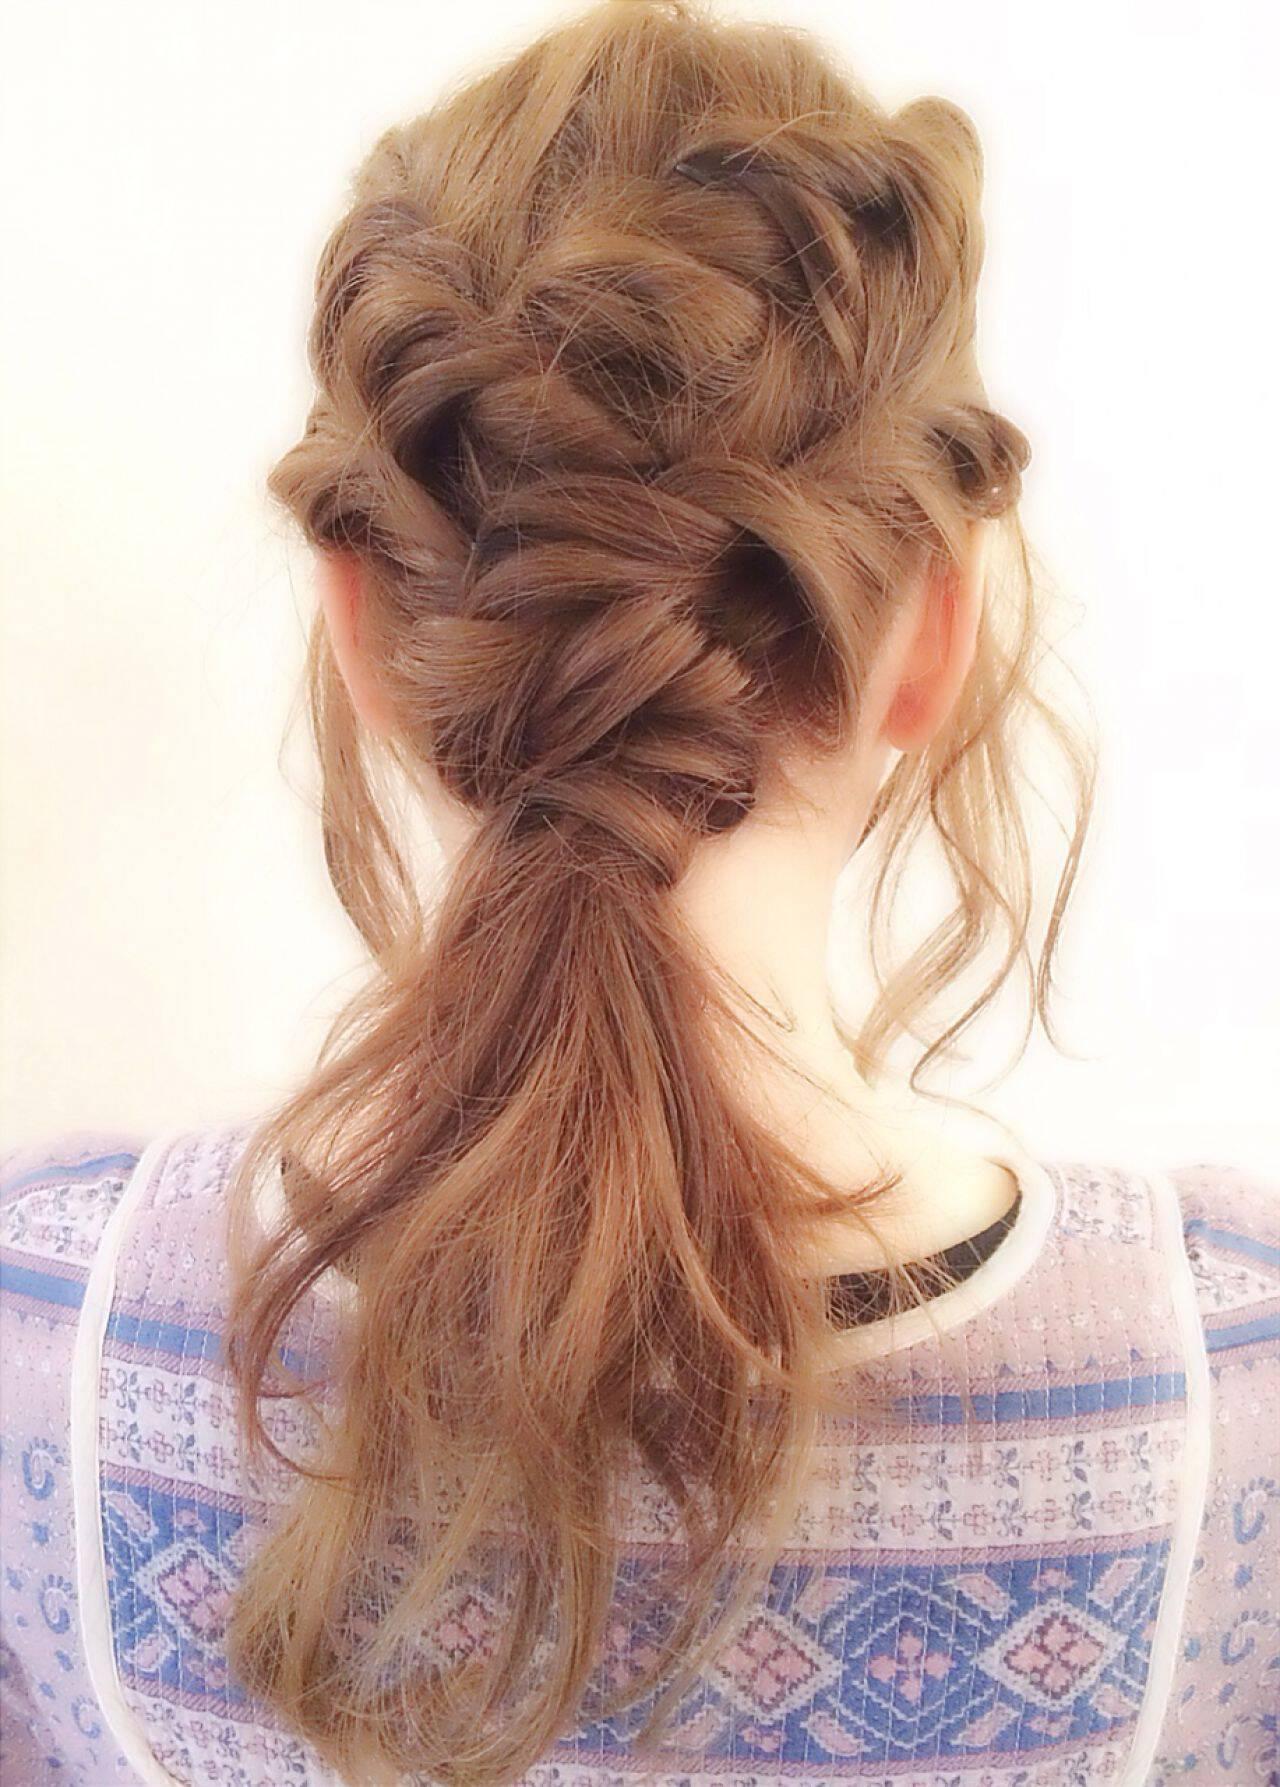 ヘアアレンジ ナチュラル ショート 簡単ヘアアレンジヘアスタイルや髪型の写真・画像